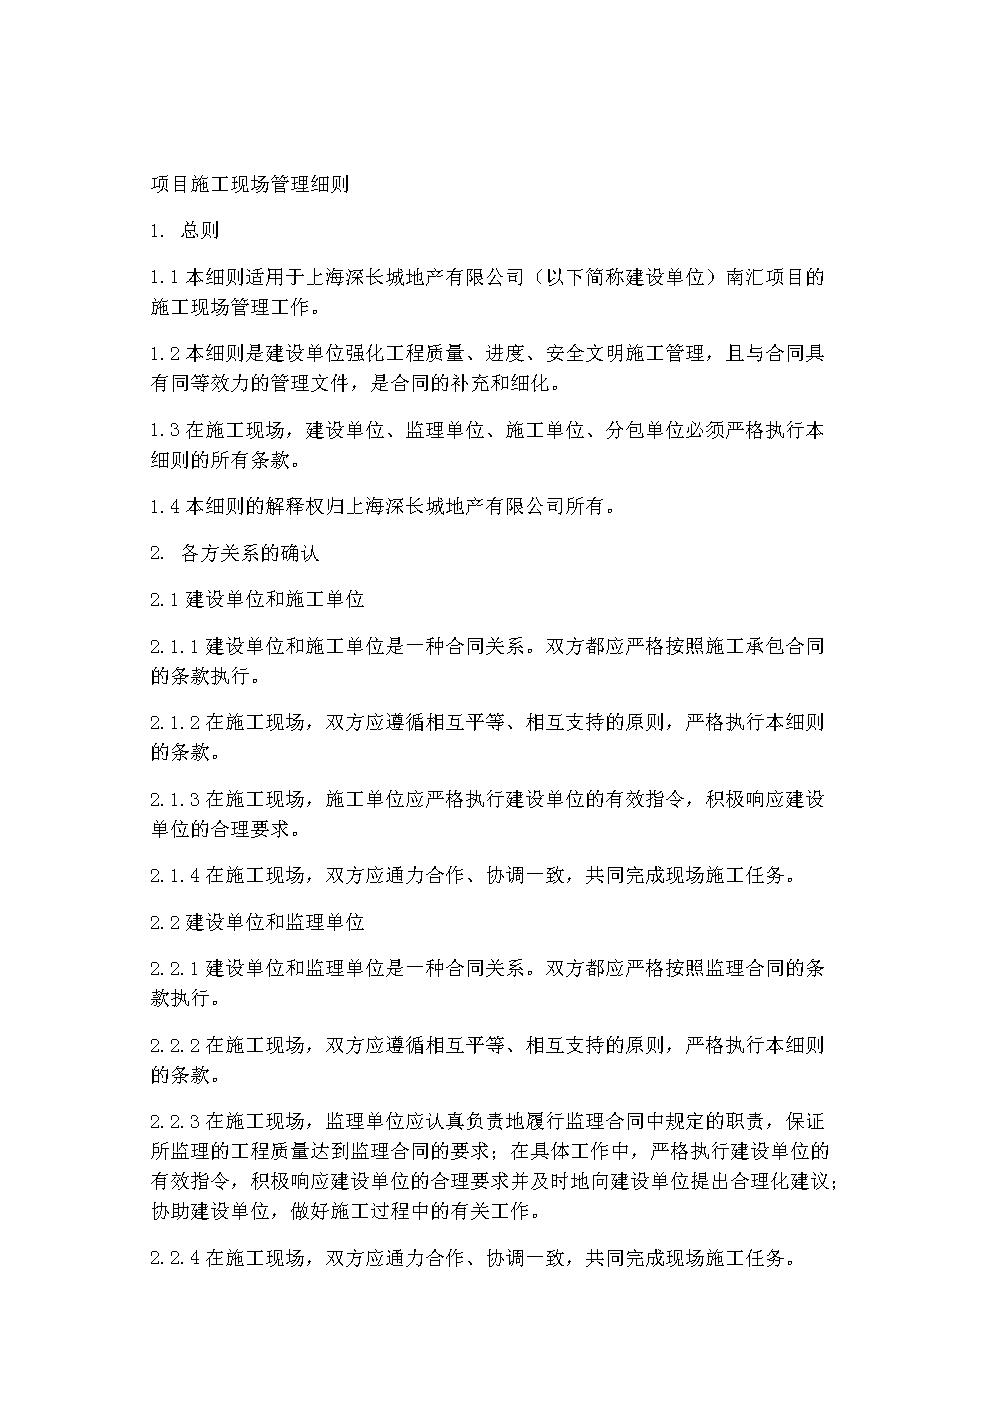 施工現場管理細則工程管理類別.doc